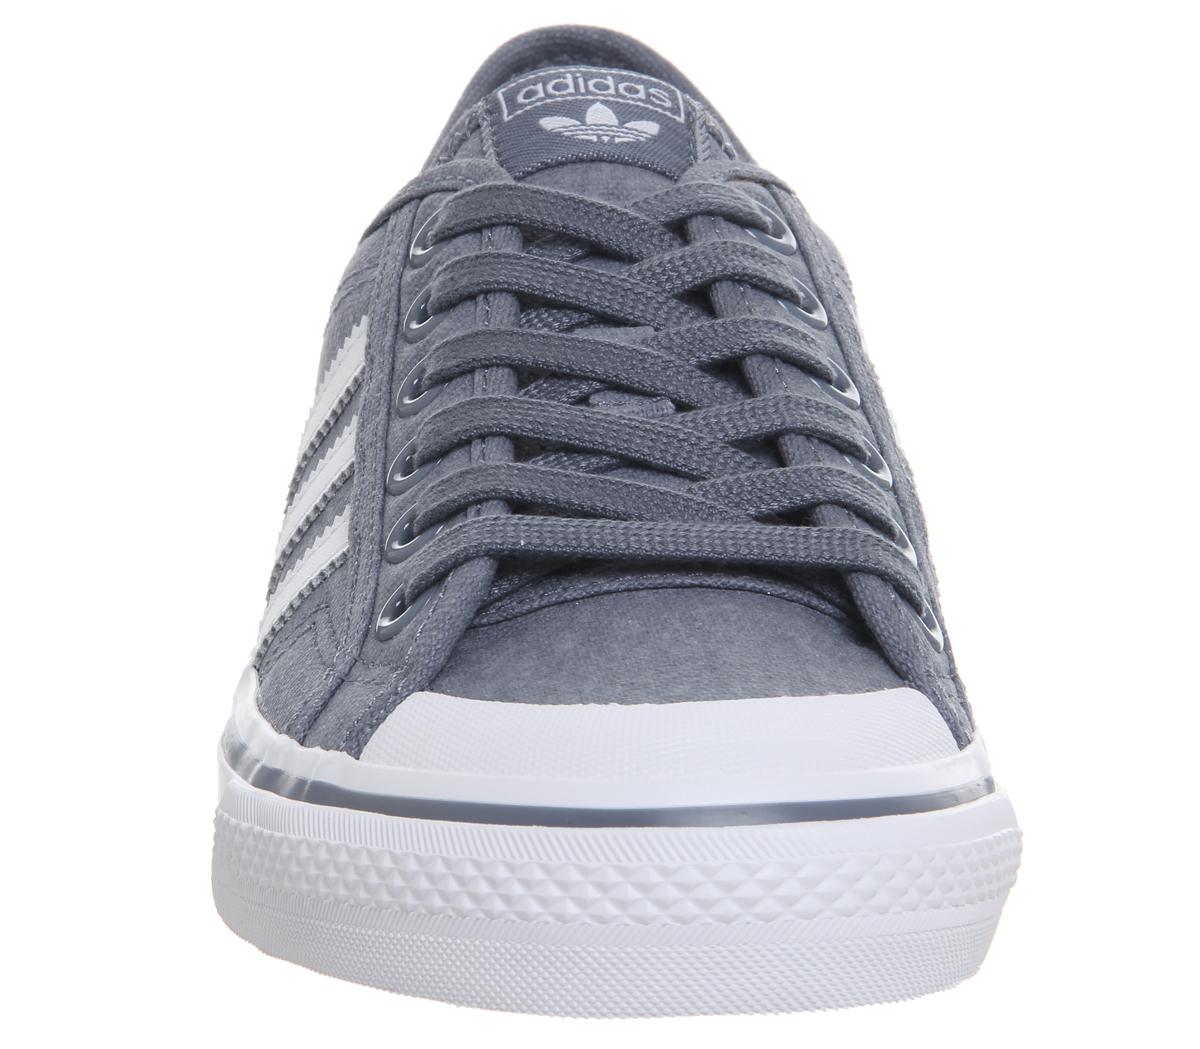 SENTINEL Donna Adidas Nizza formatori crudi acciaio F allenatori scarpe 5f20f033d1c